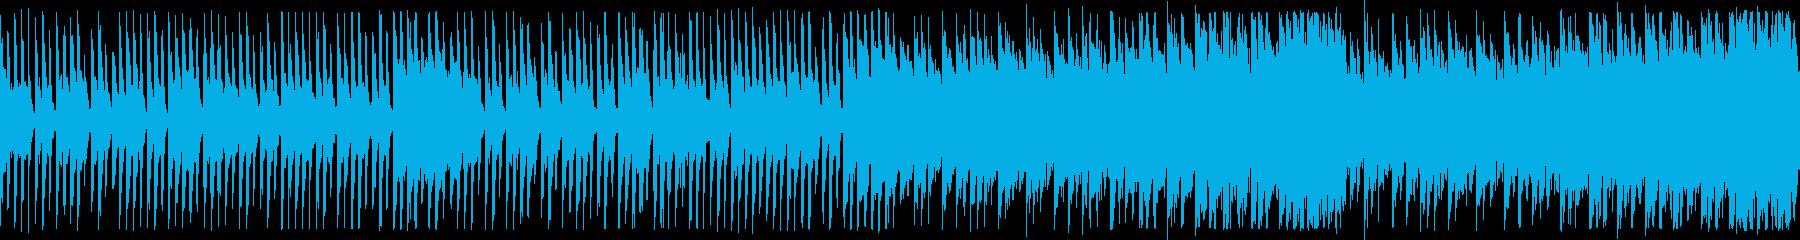 80年代テクノポップ中華風:ショートの再生済みの波形